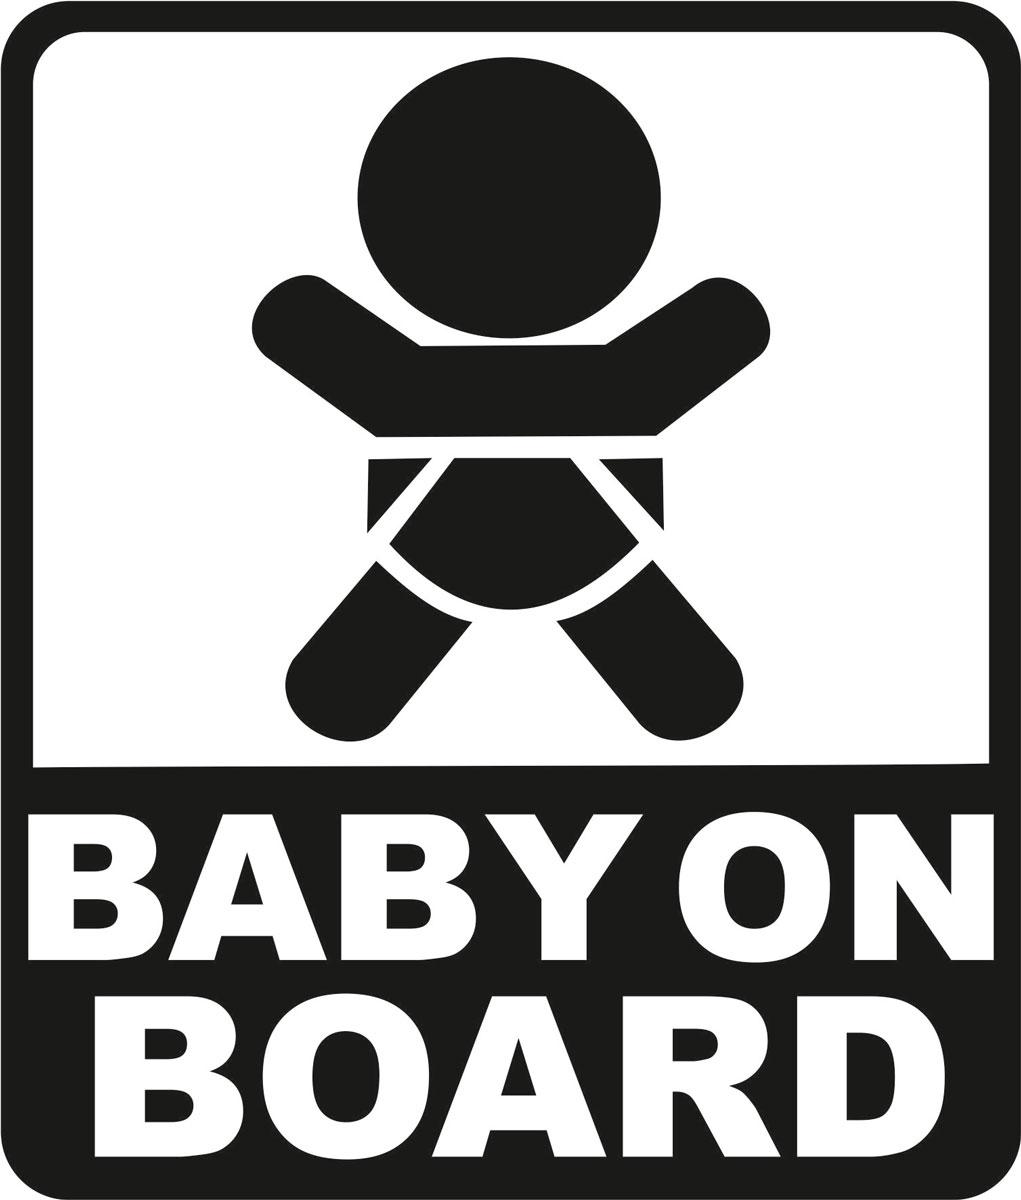 Наклейка автомобильная Оранжевый слоник Baby on Board. Квадрат, виниловая, цвет: черныйSC-FD421005Оригинальная наклейка Оранжевый слоник Baby on Board. Квадрат изготовлена из долговечного винила, который выполняет не только декоративную функцию, но и защищает кузов от небольших механических повреждений, либо скрывает уже существующие.Виниловые наклейки на авто - это не только красиво, но еще и быстро! Всего за несколько минут вы можете полностью преобразить свой автомобиль, сделать его ярким, необычным, особенным и неповторимым!